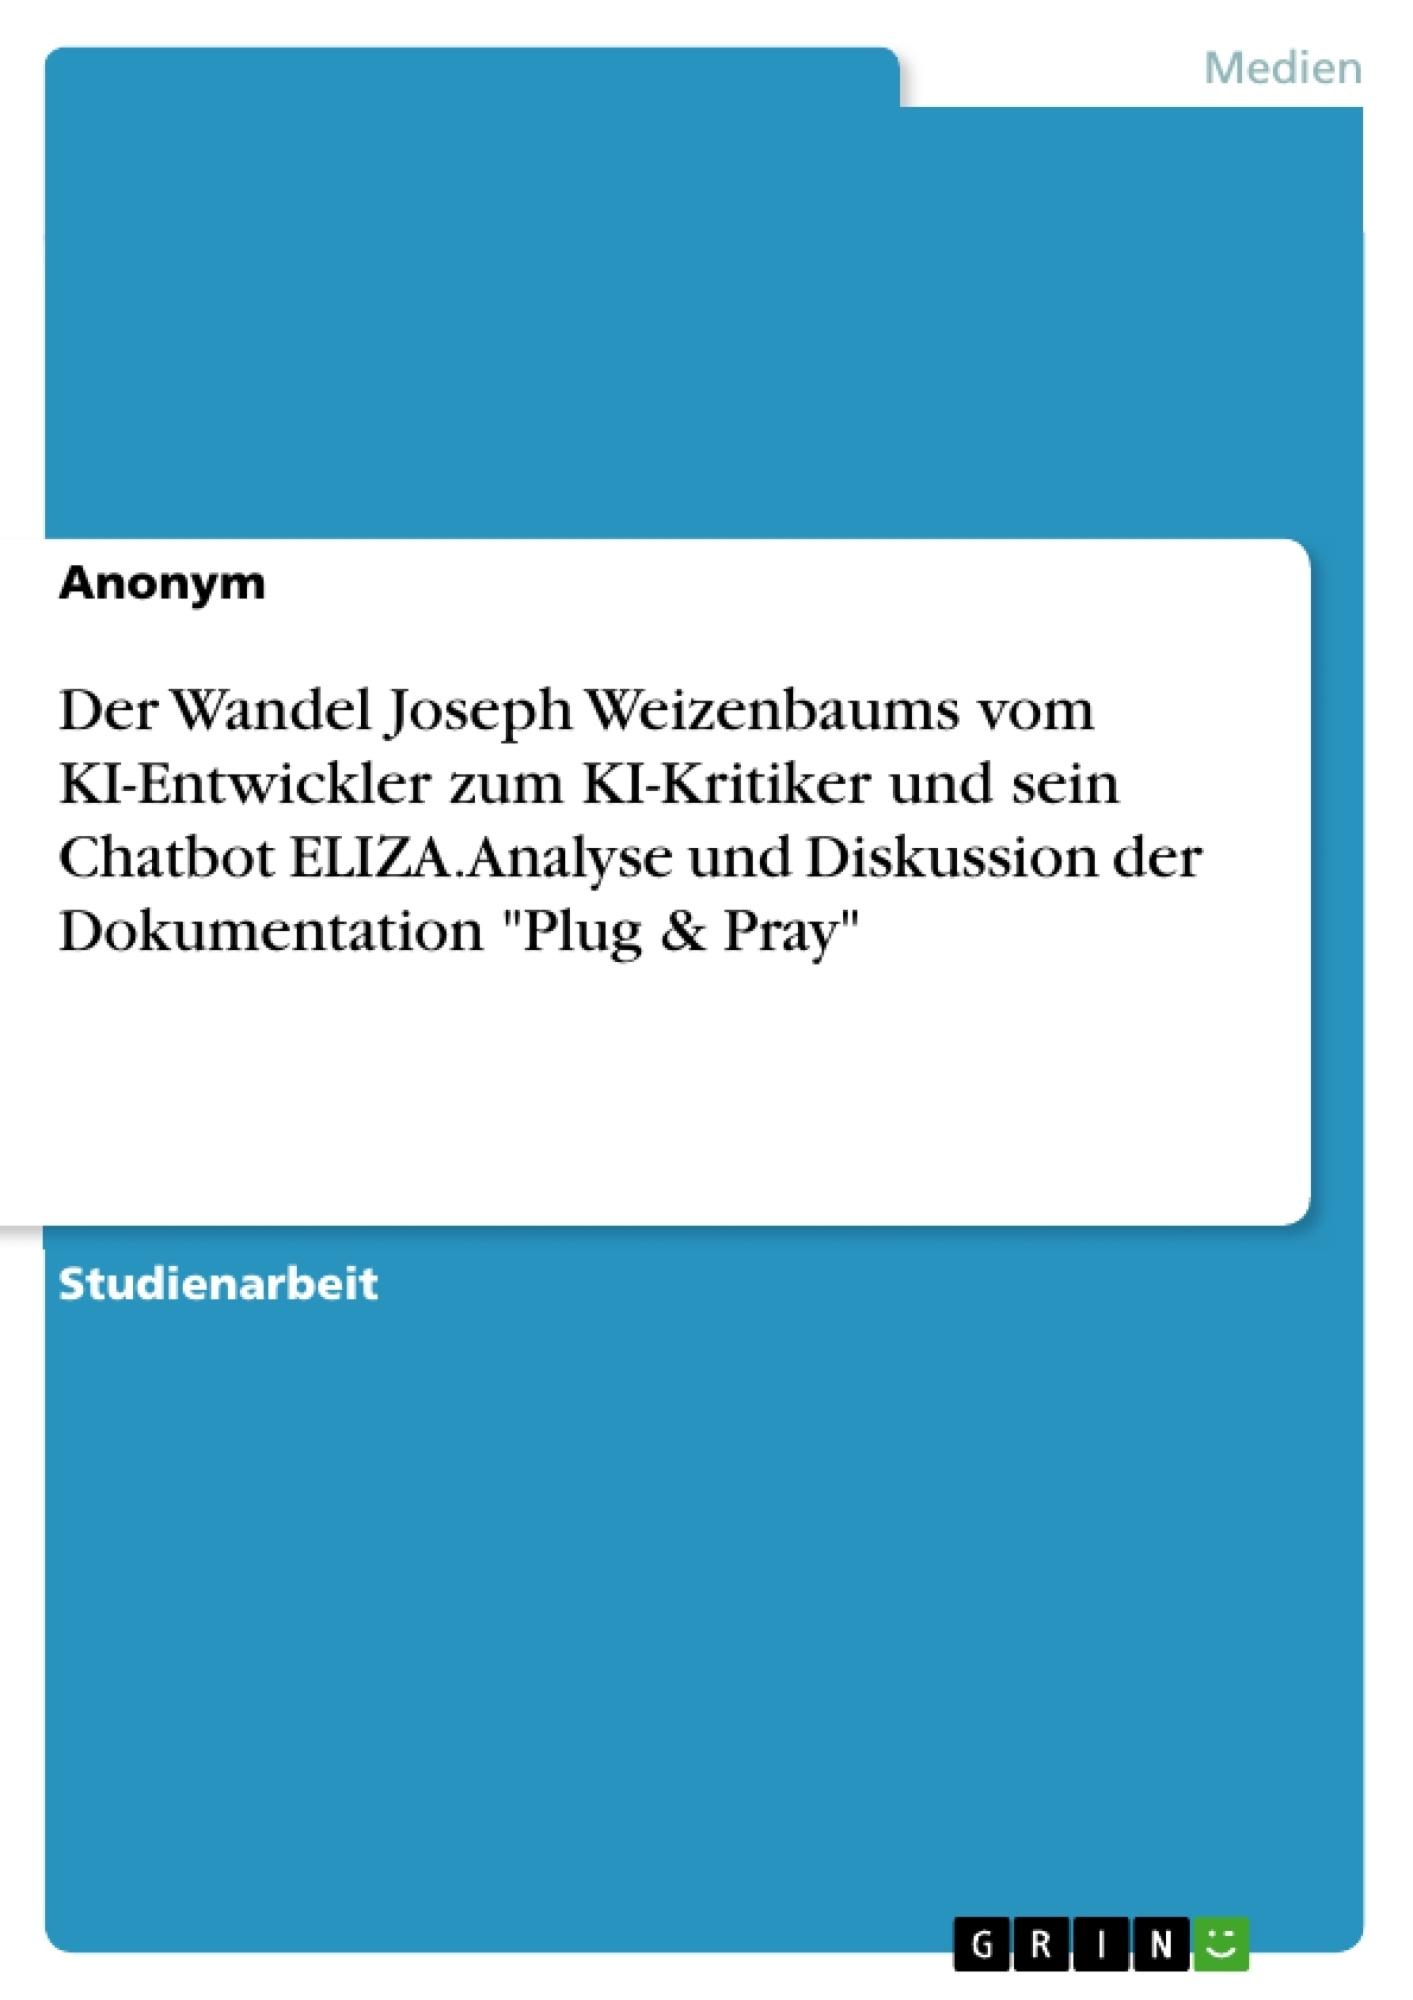 """Titel: Der Wandel Joseph Weizenbaums vom KI-Entwickler zum KI-Kritiker und sein Chatbot ELIZA. Analyse und Diskussion der Dokumentation """"Plug & Pray"""""""